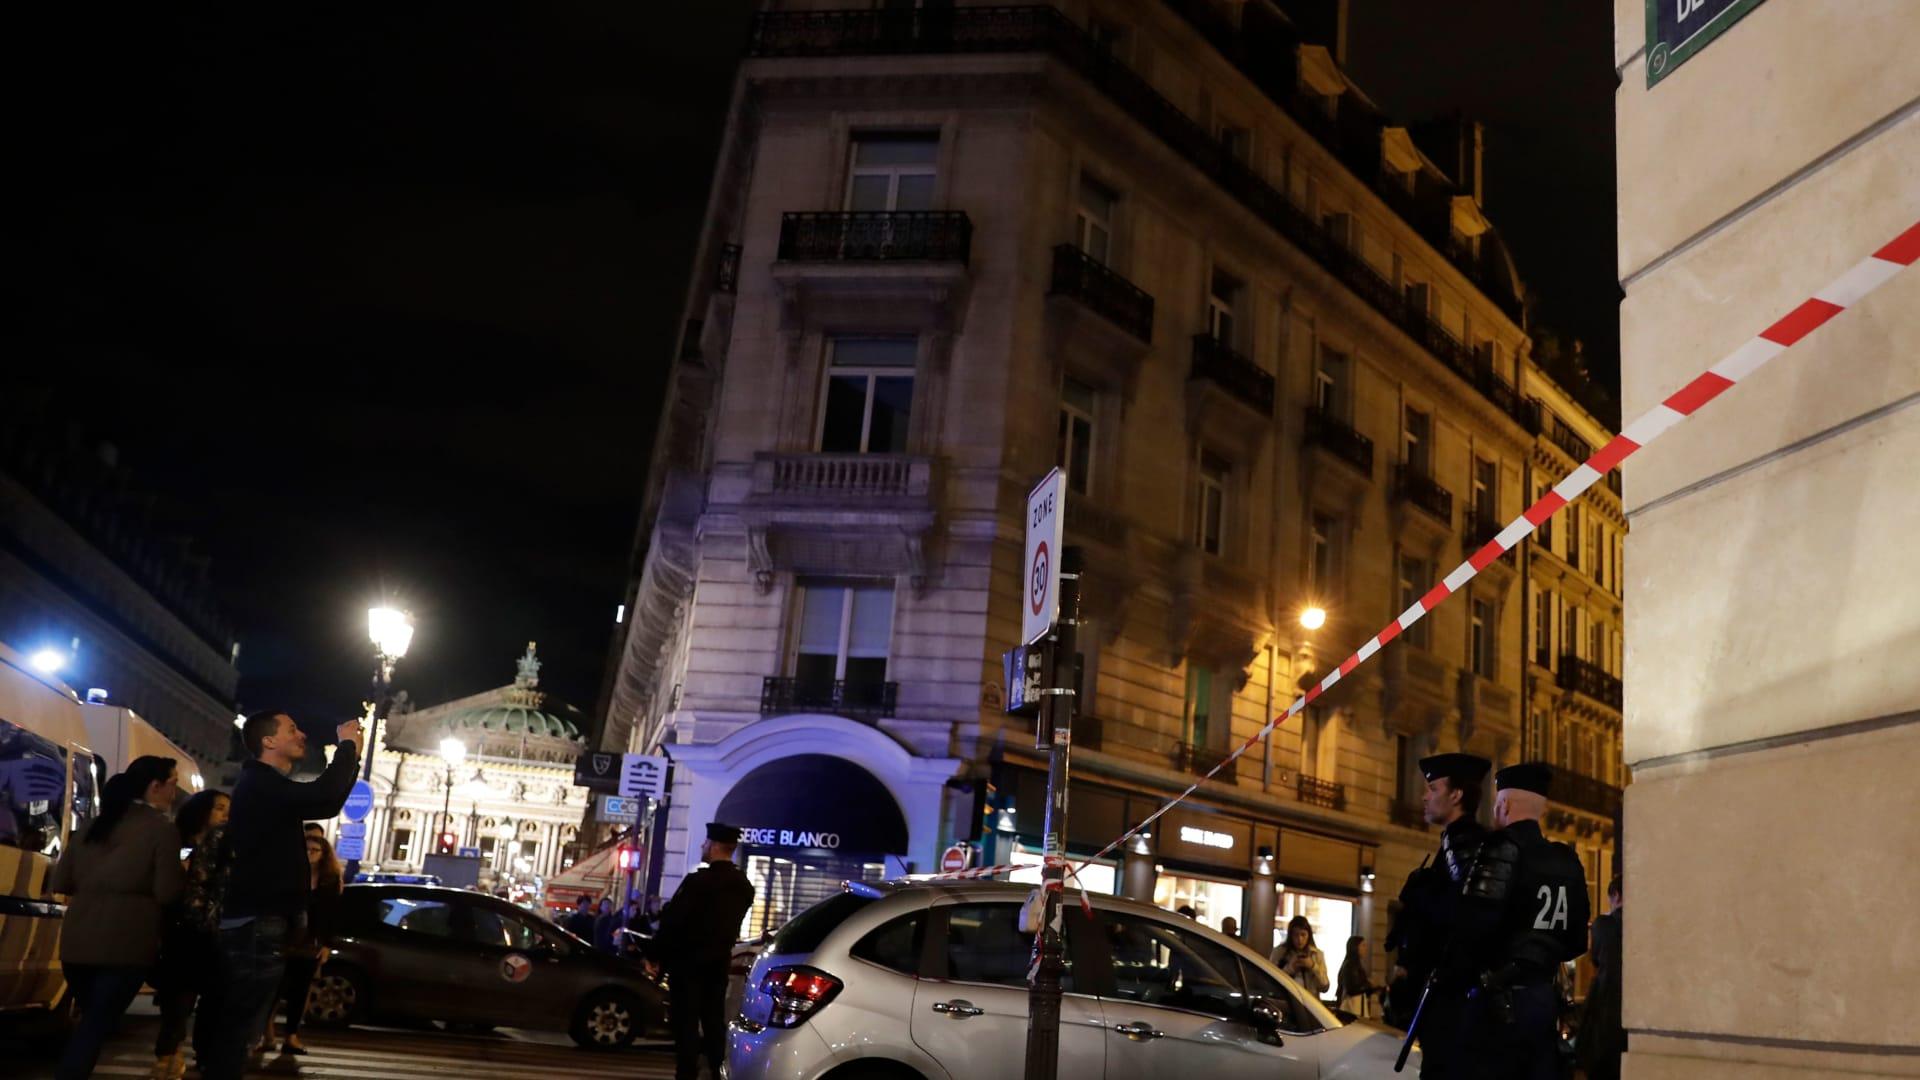 هجوم بالسكين في باريس يسفر عن وقوع ضحايا